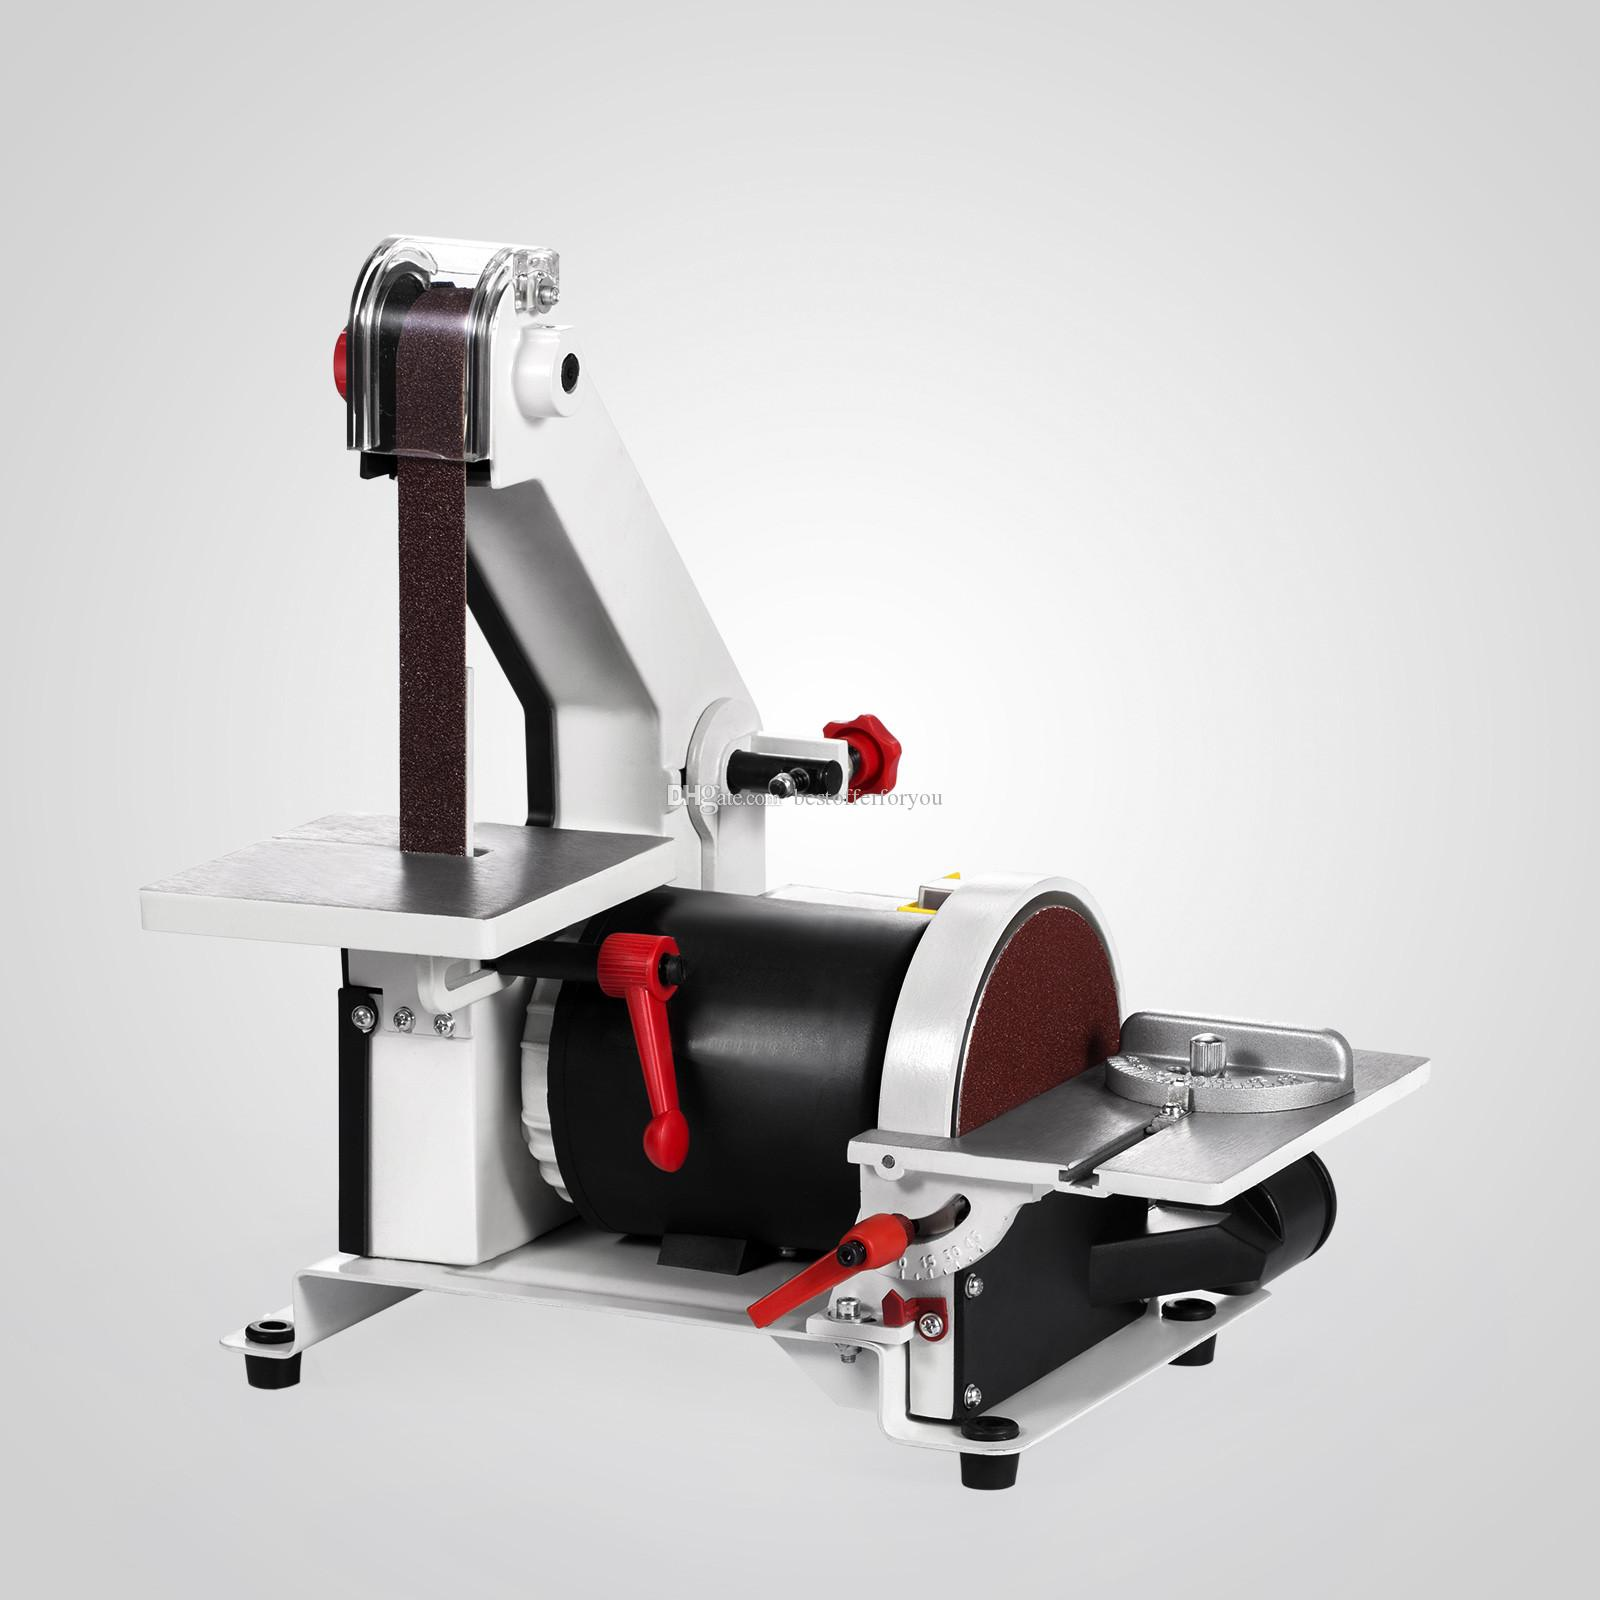 """الحزام الرملي العملي """"1 × 30"""" يعمل بسرعة 13.5 متر / ثانية مطحنة PHEER GRANDER ذات قرص متغيرة السرعة ، حزام السنفرة ساندر باليد"""